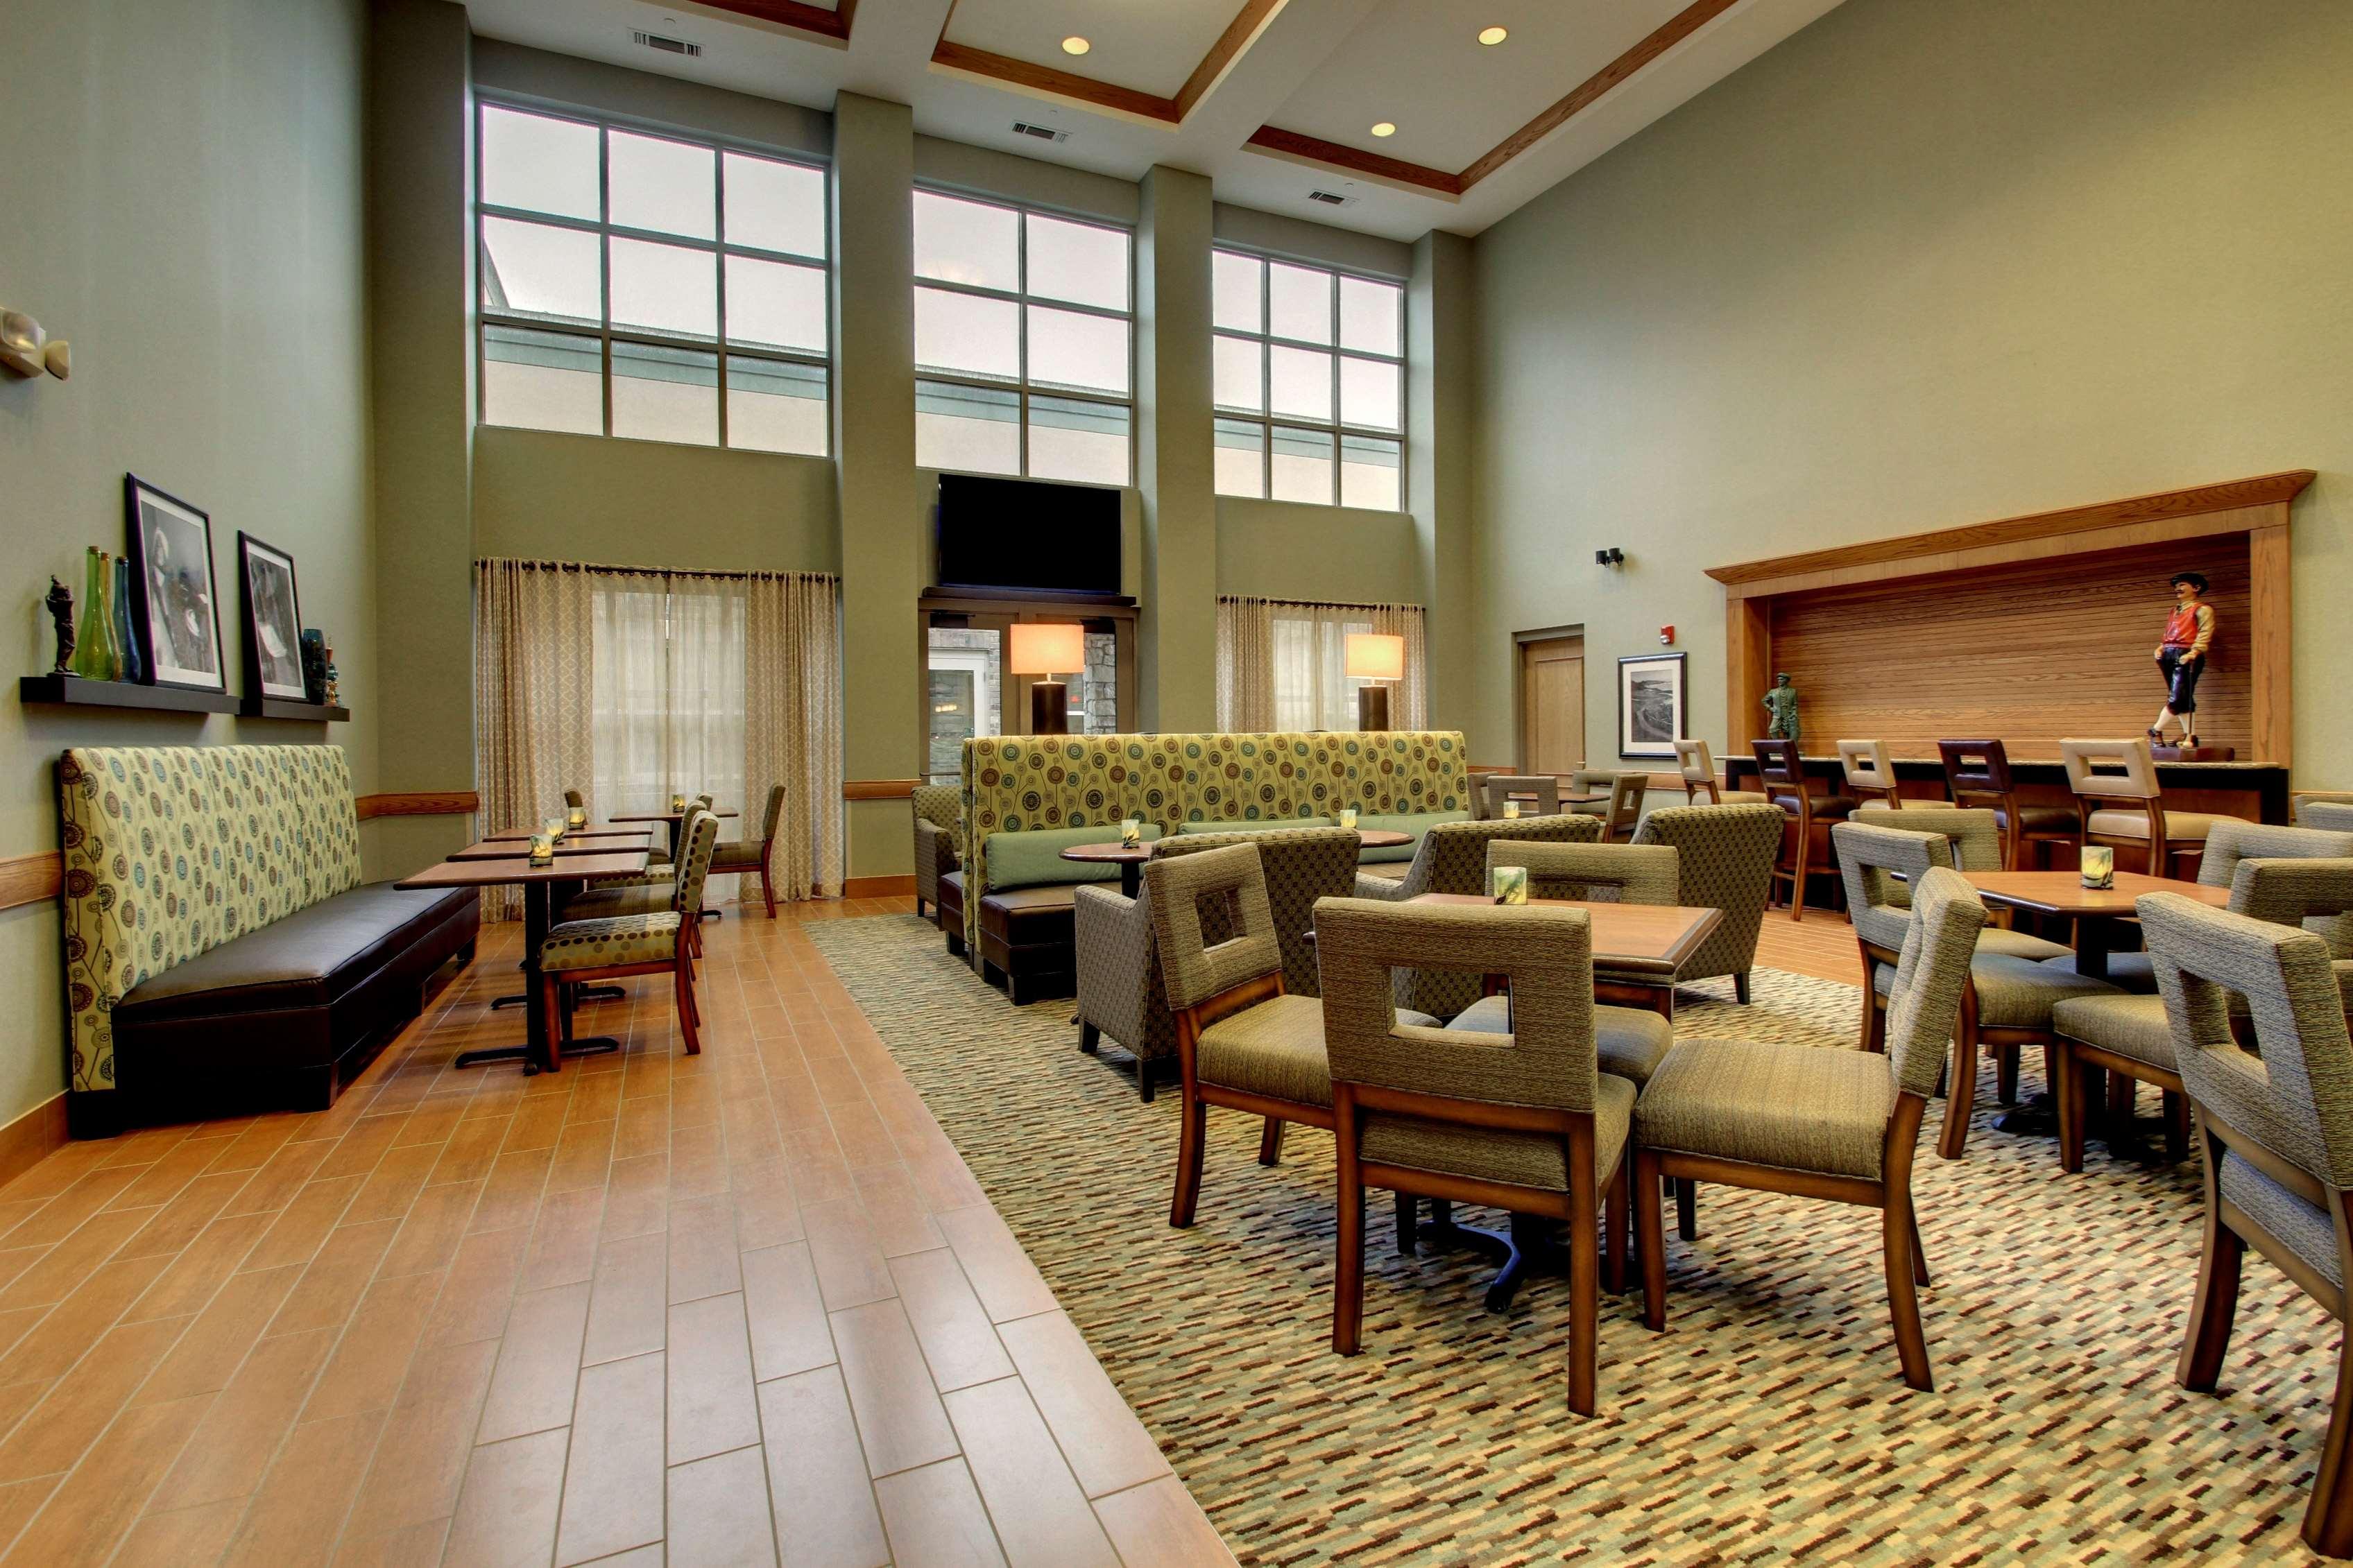 Hampton Inn & Suites Chicago/Aurora image 11